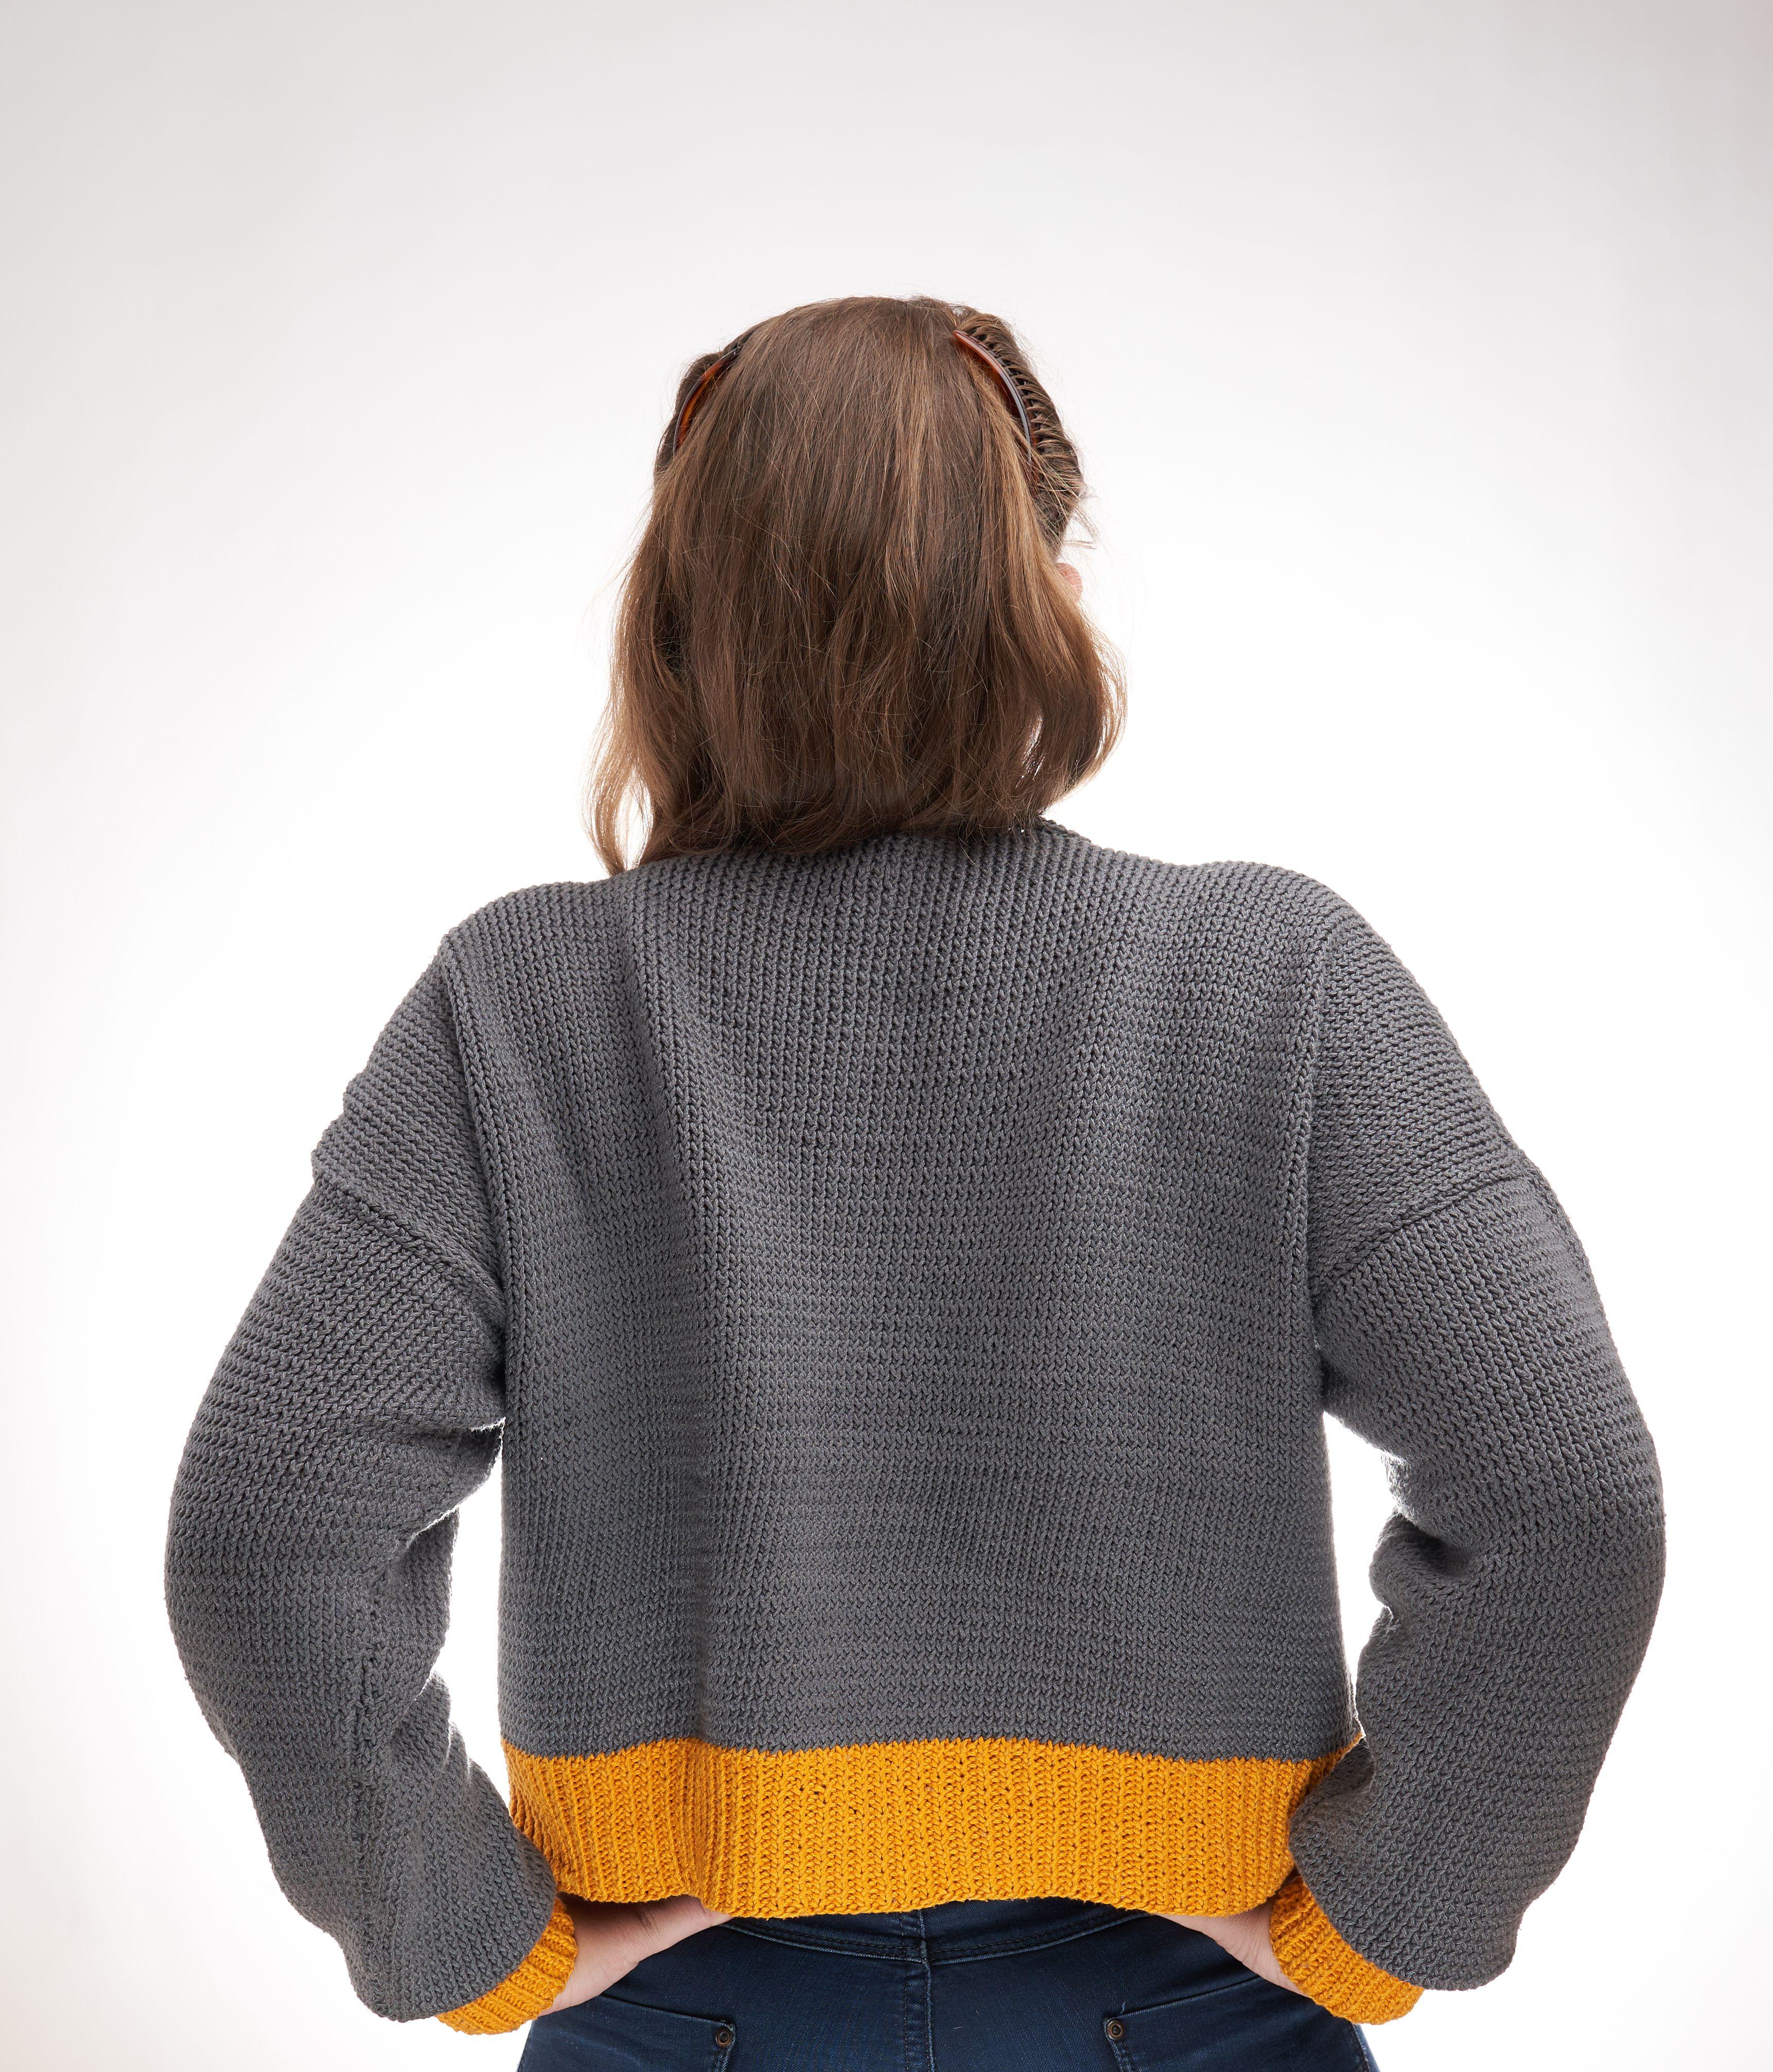 Sunshine Cropped Sweater Knitting Pattern Free - Knitting with Chopsticks